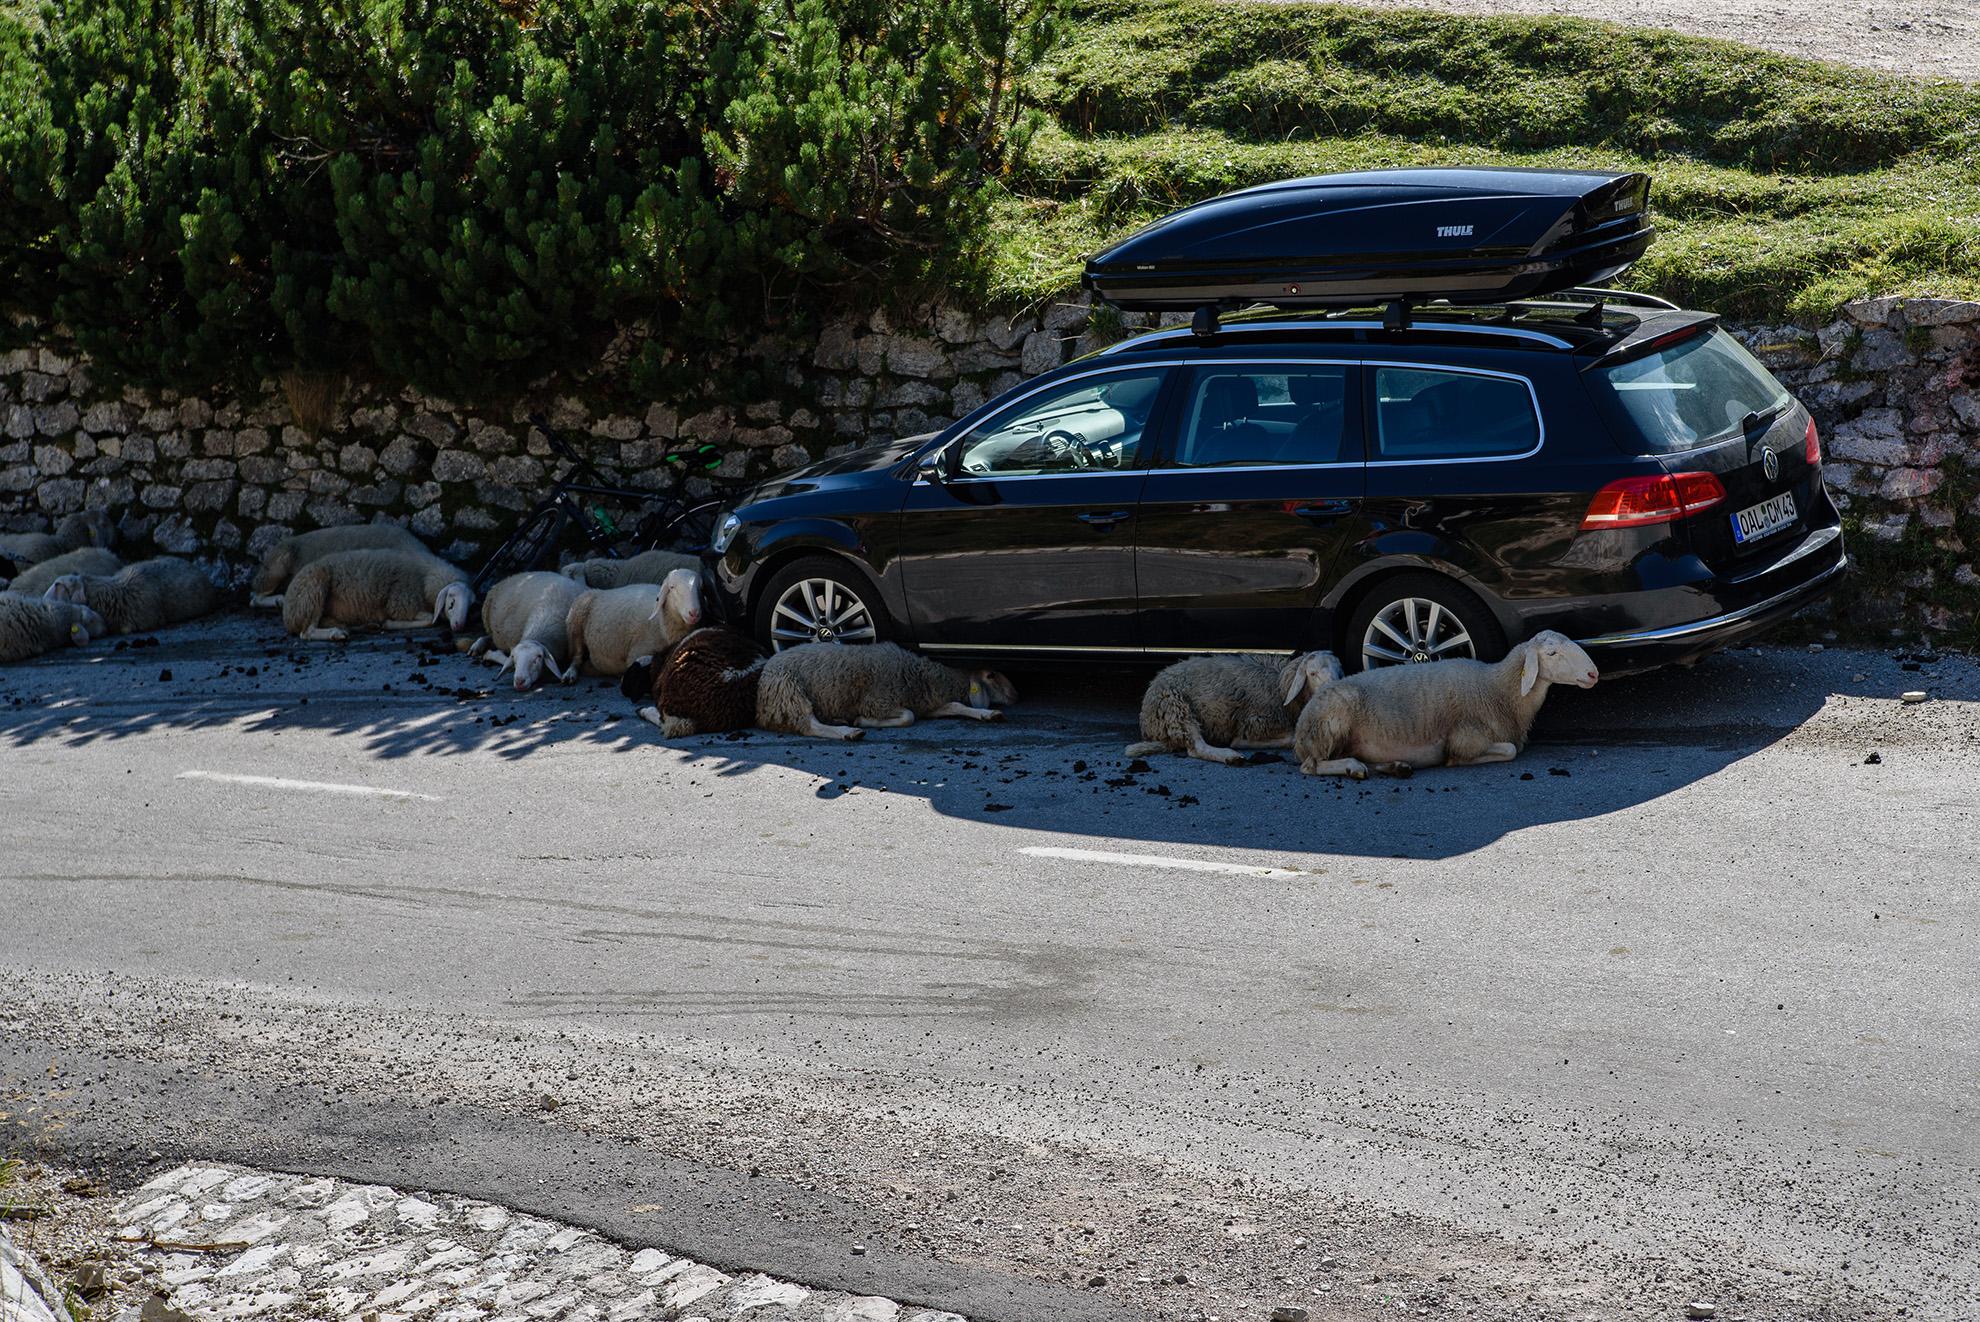 Kozy chronią sięw cieniu Passata - auta ratują środowisko naturalne!